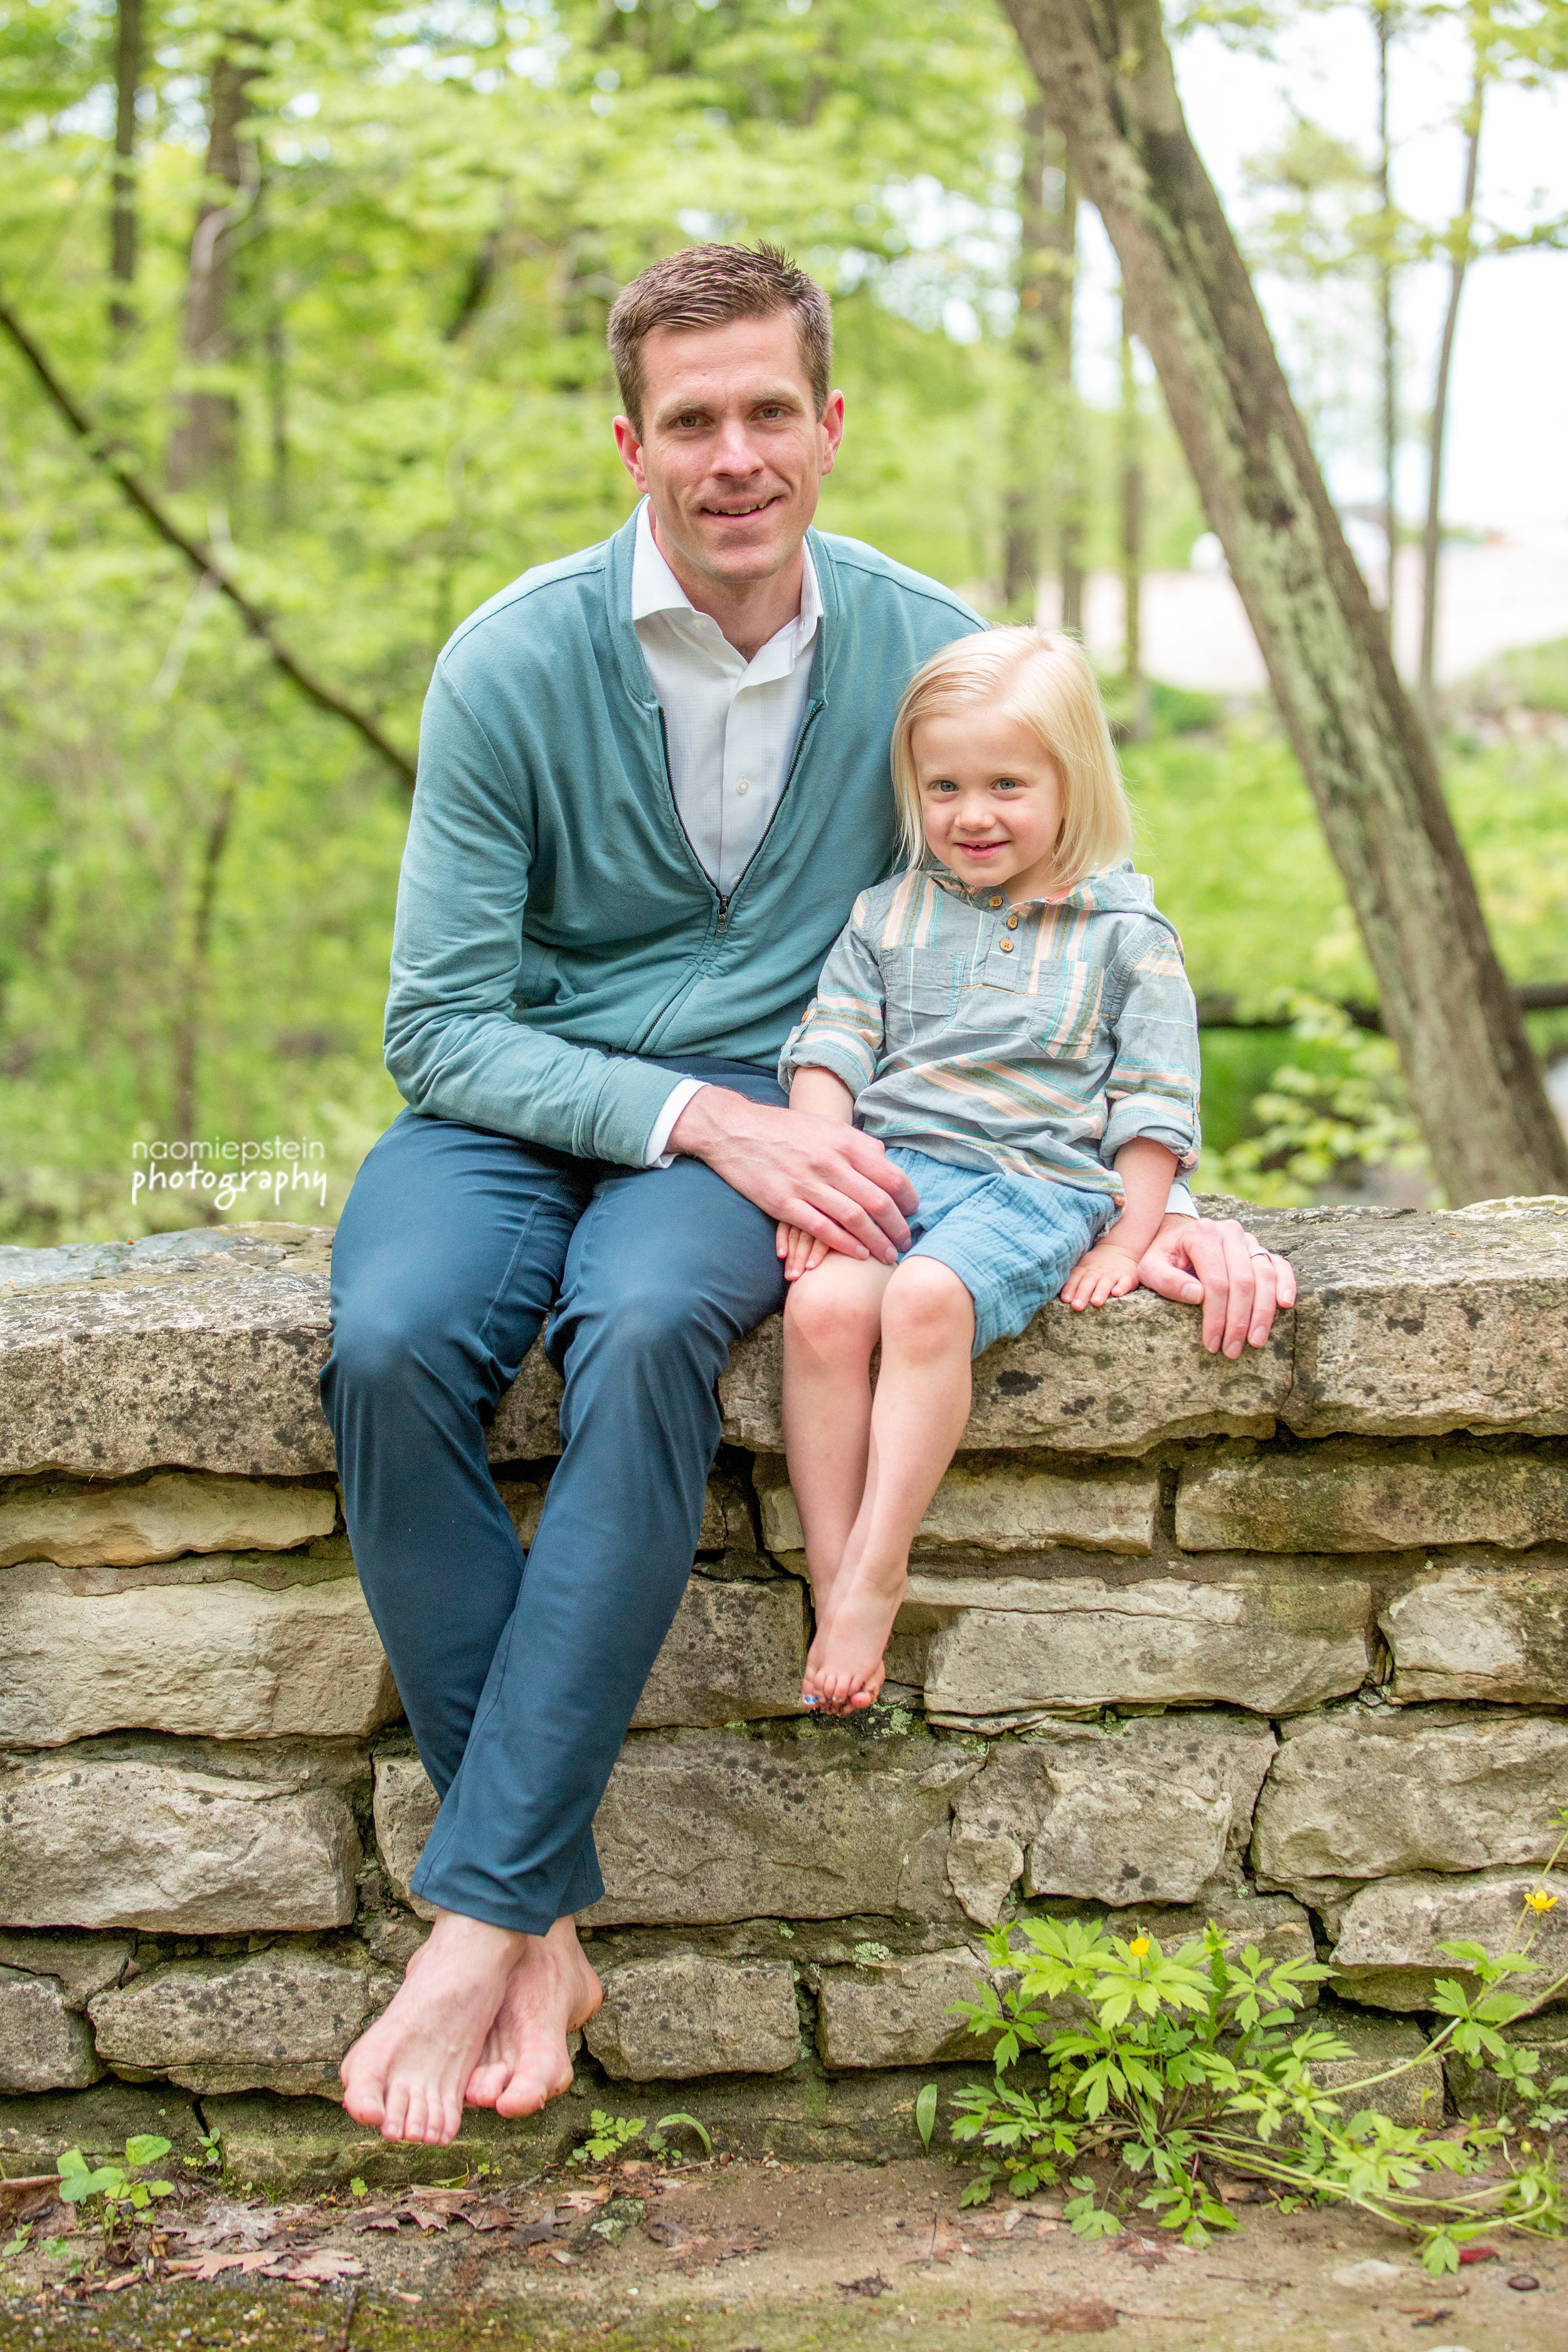 Highland_Park_Illinois_Family_Photographer8.jpg